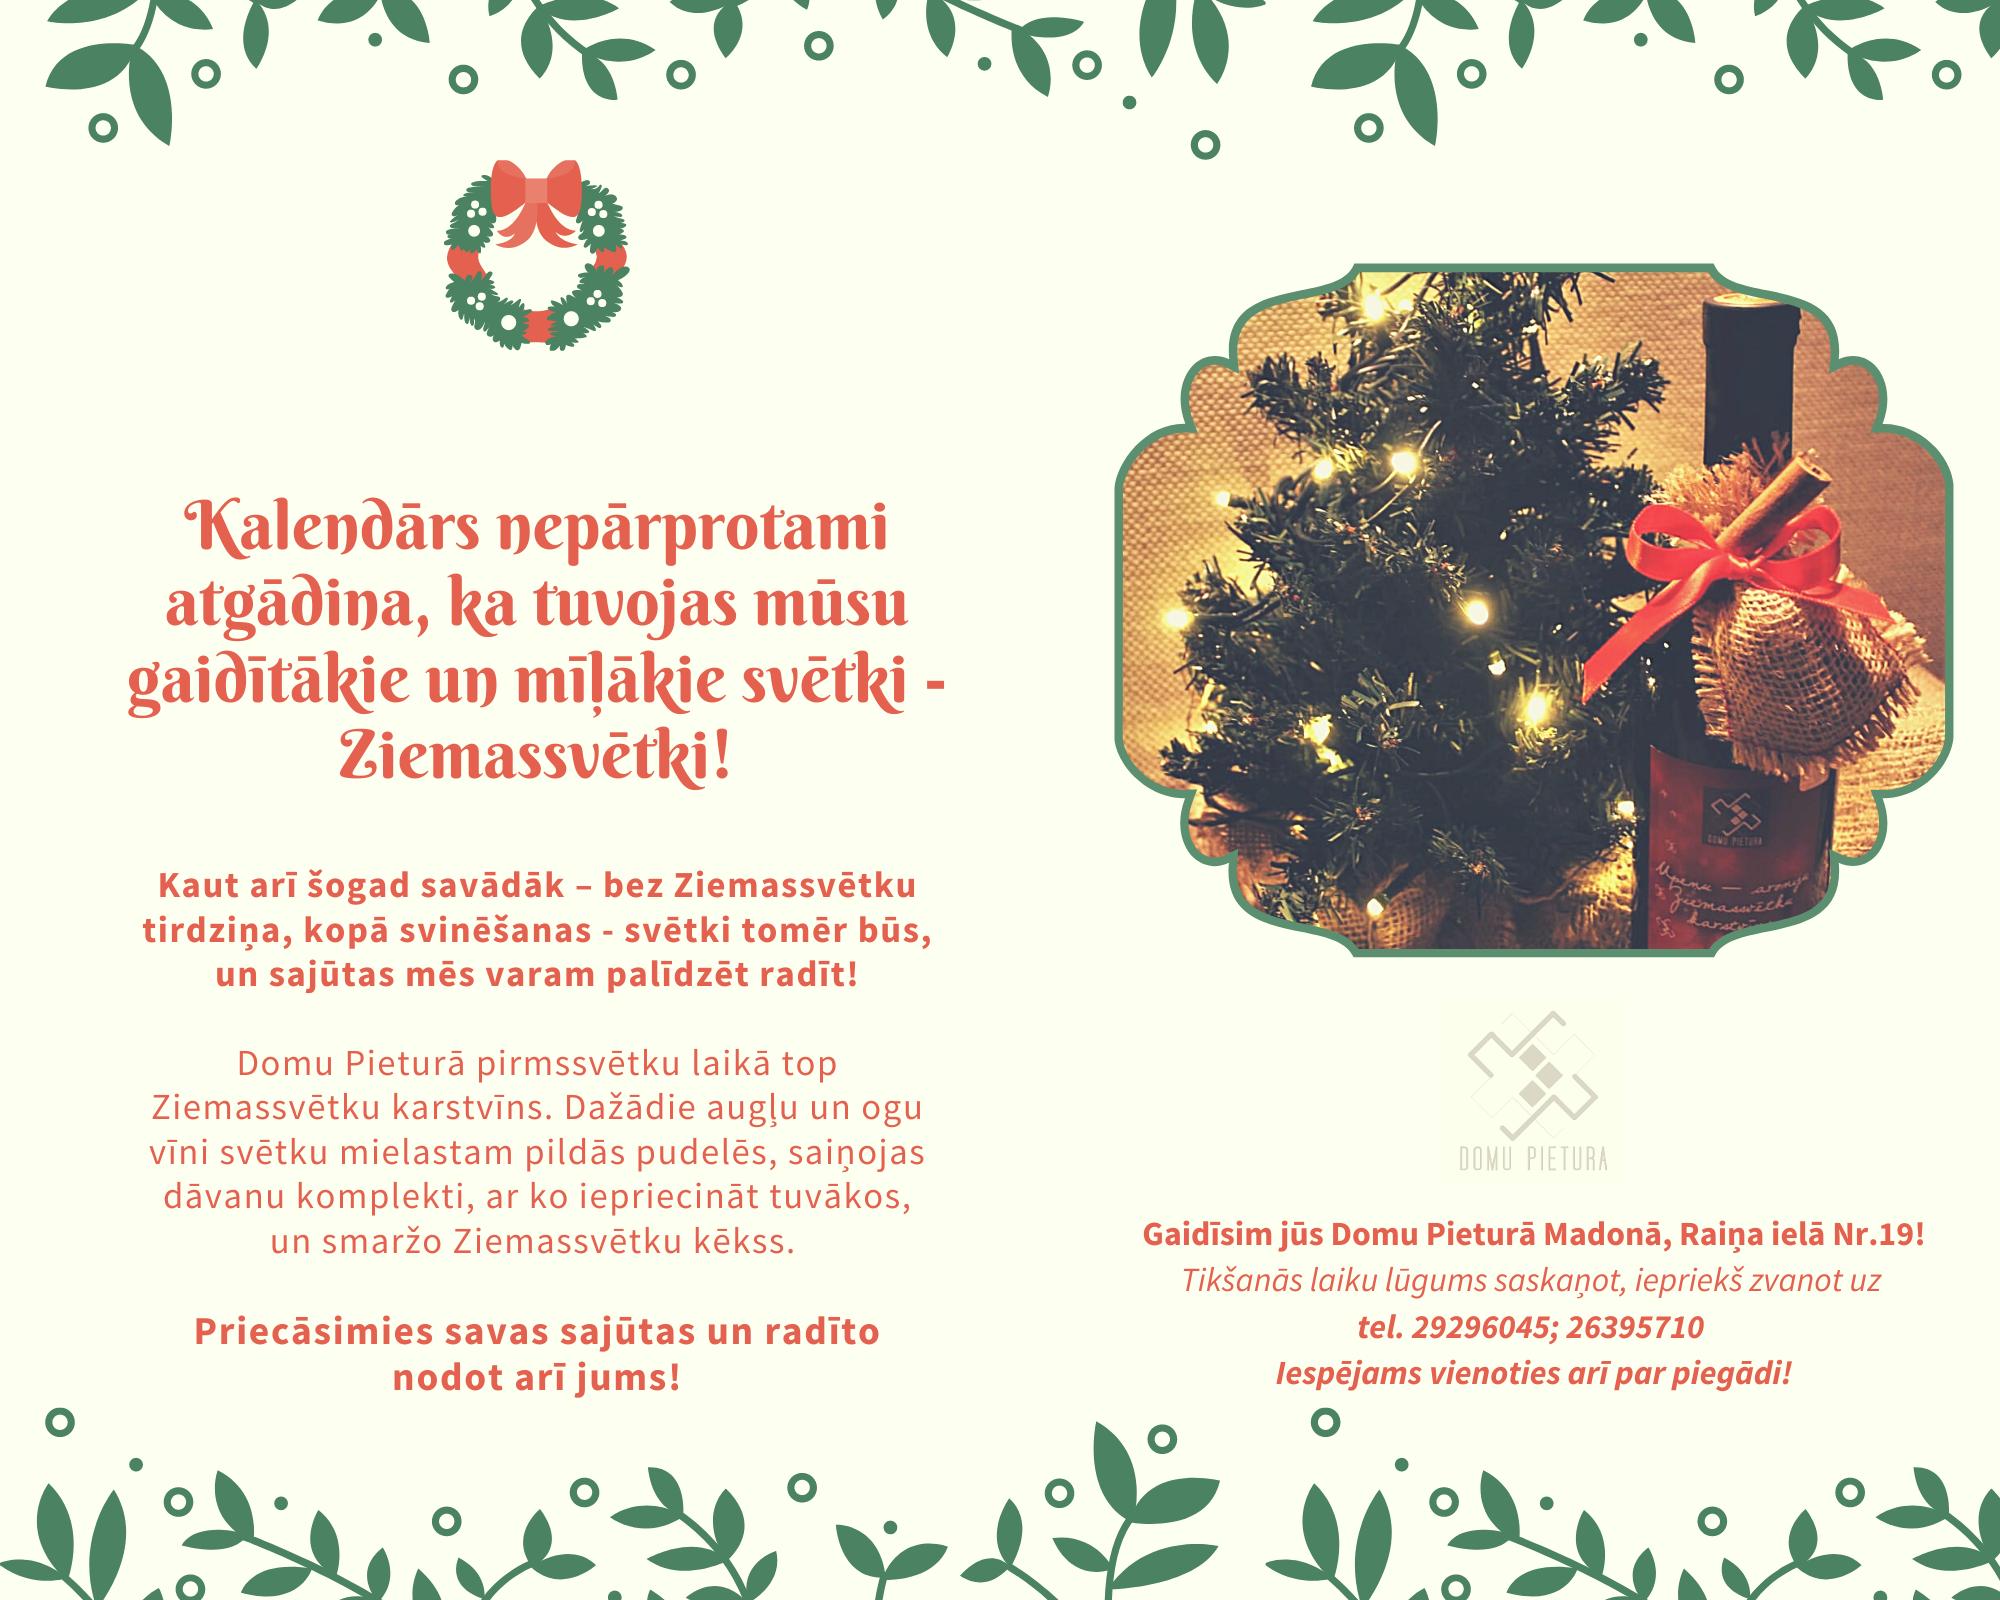 Tuvojas visgaidītākie svētki – Ziemassvētki. Un mēs varam palīdzēt sajūtas radīt, daloties ar Domu pieturā radīto.